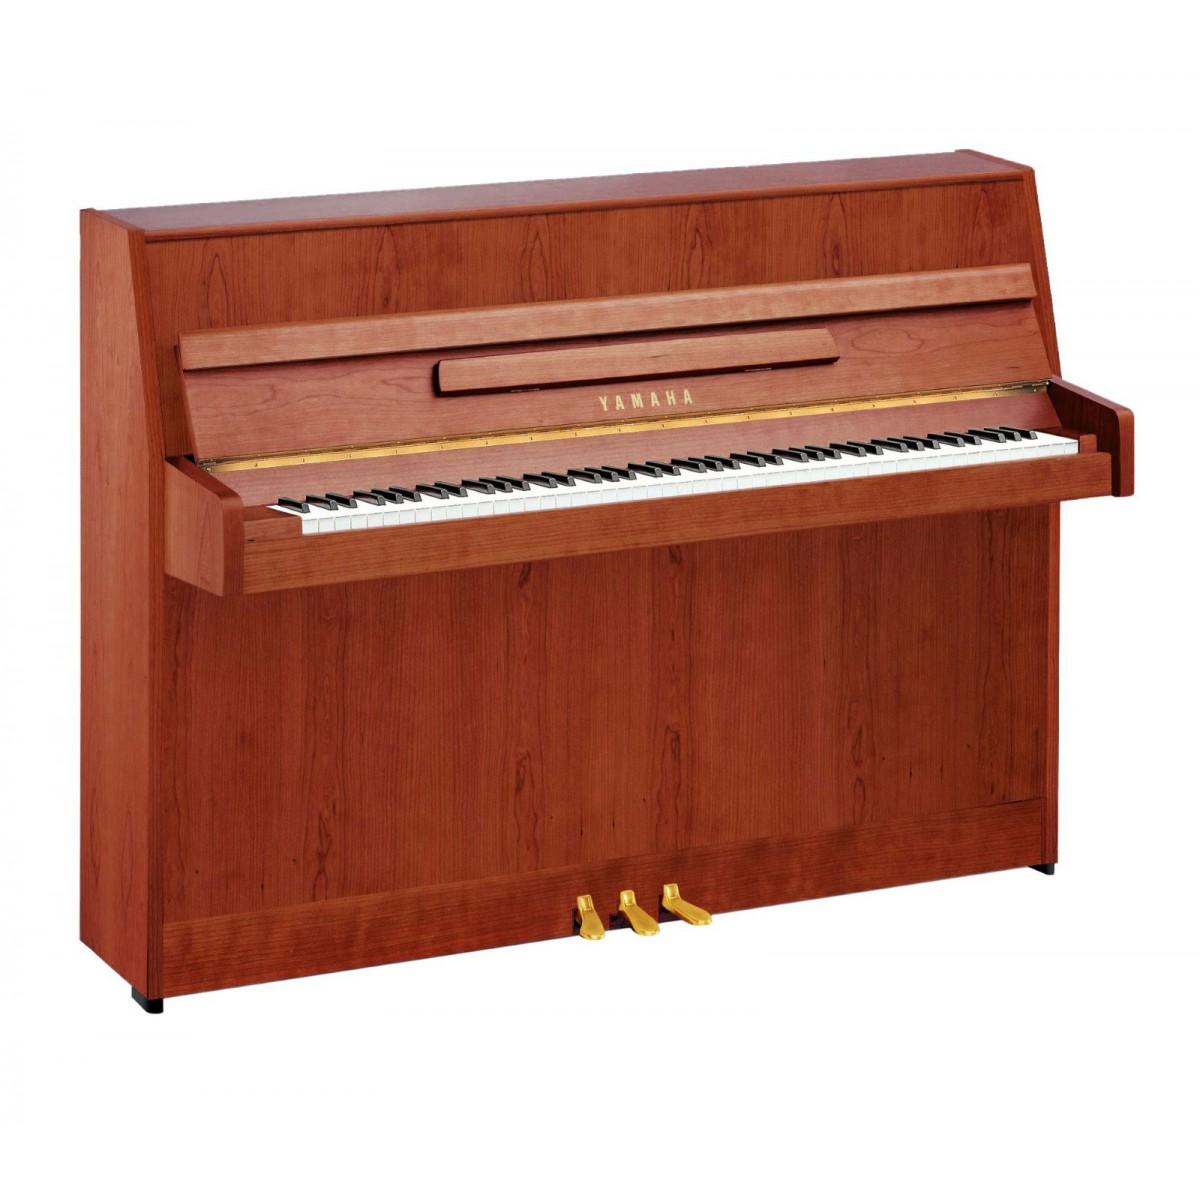 Yamaha B1 SNC Klavier Piano Kirschbaum Cherry